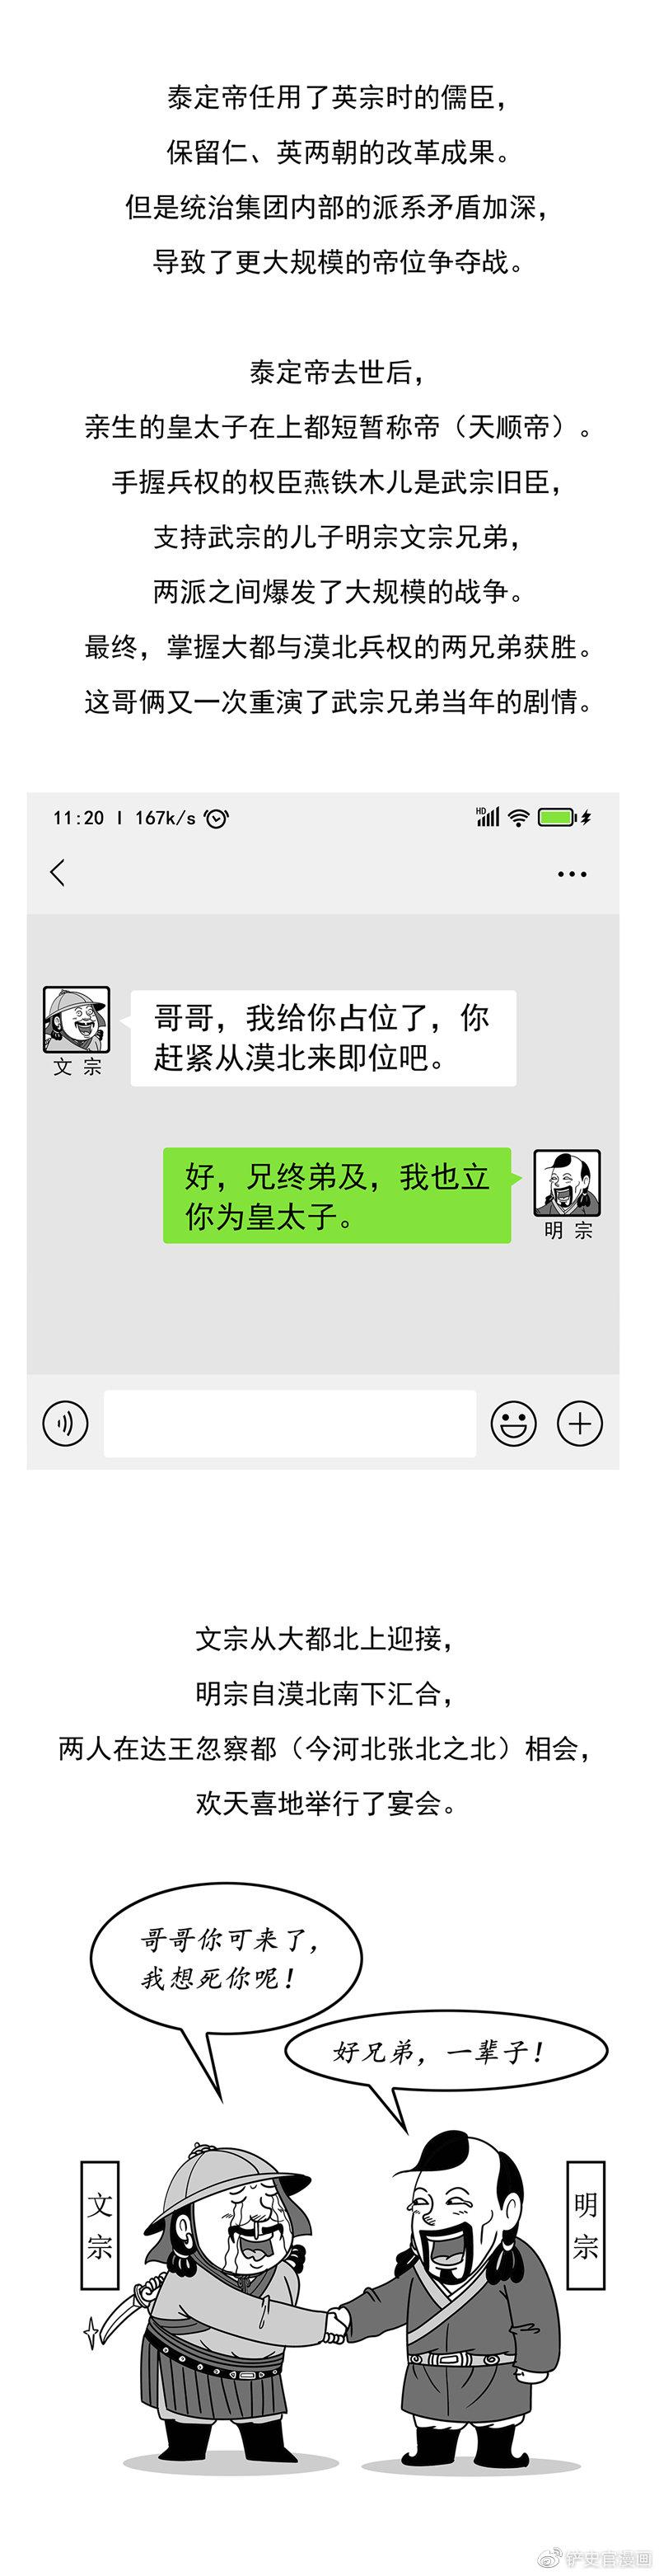 元(下)|领土广阔的大元,为何国运不足百年?